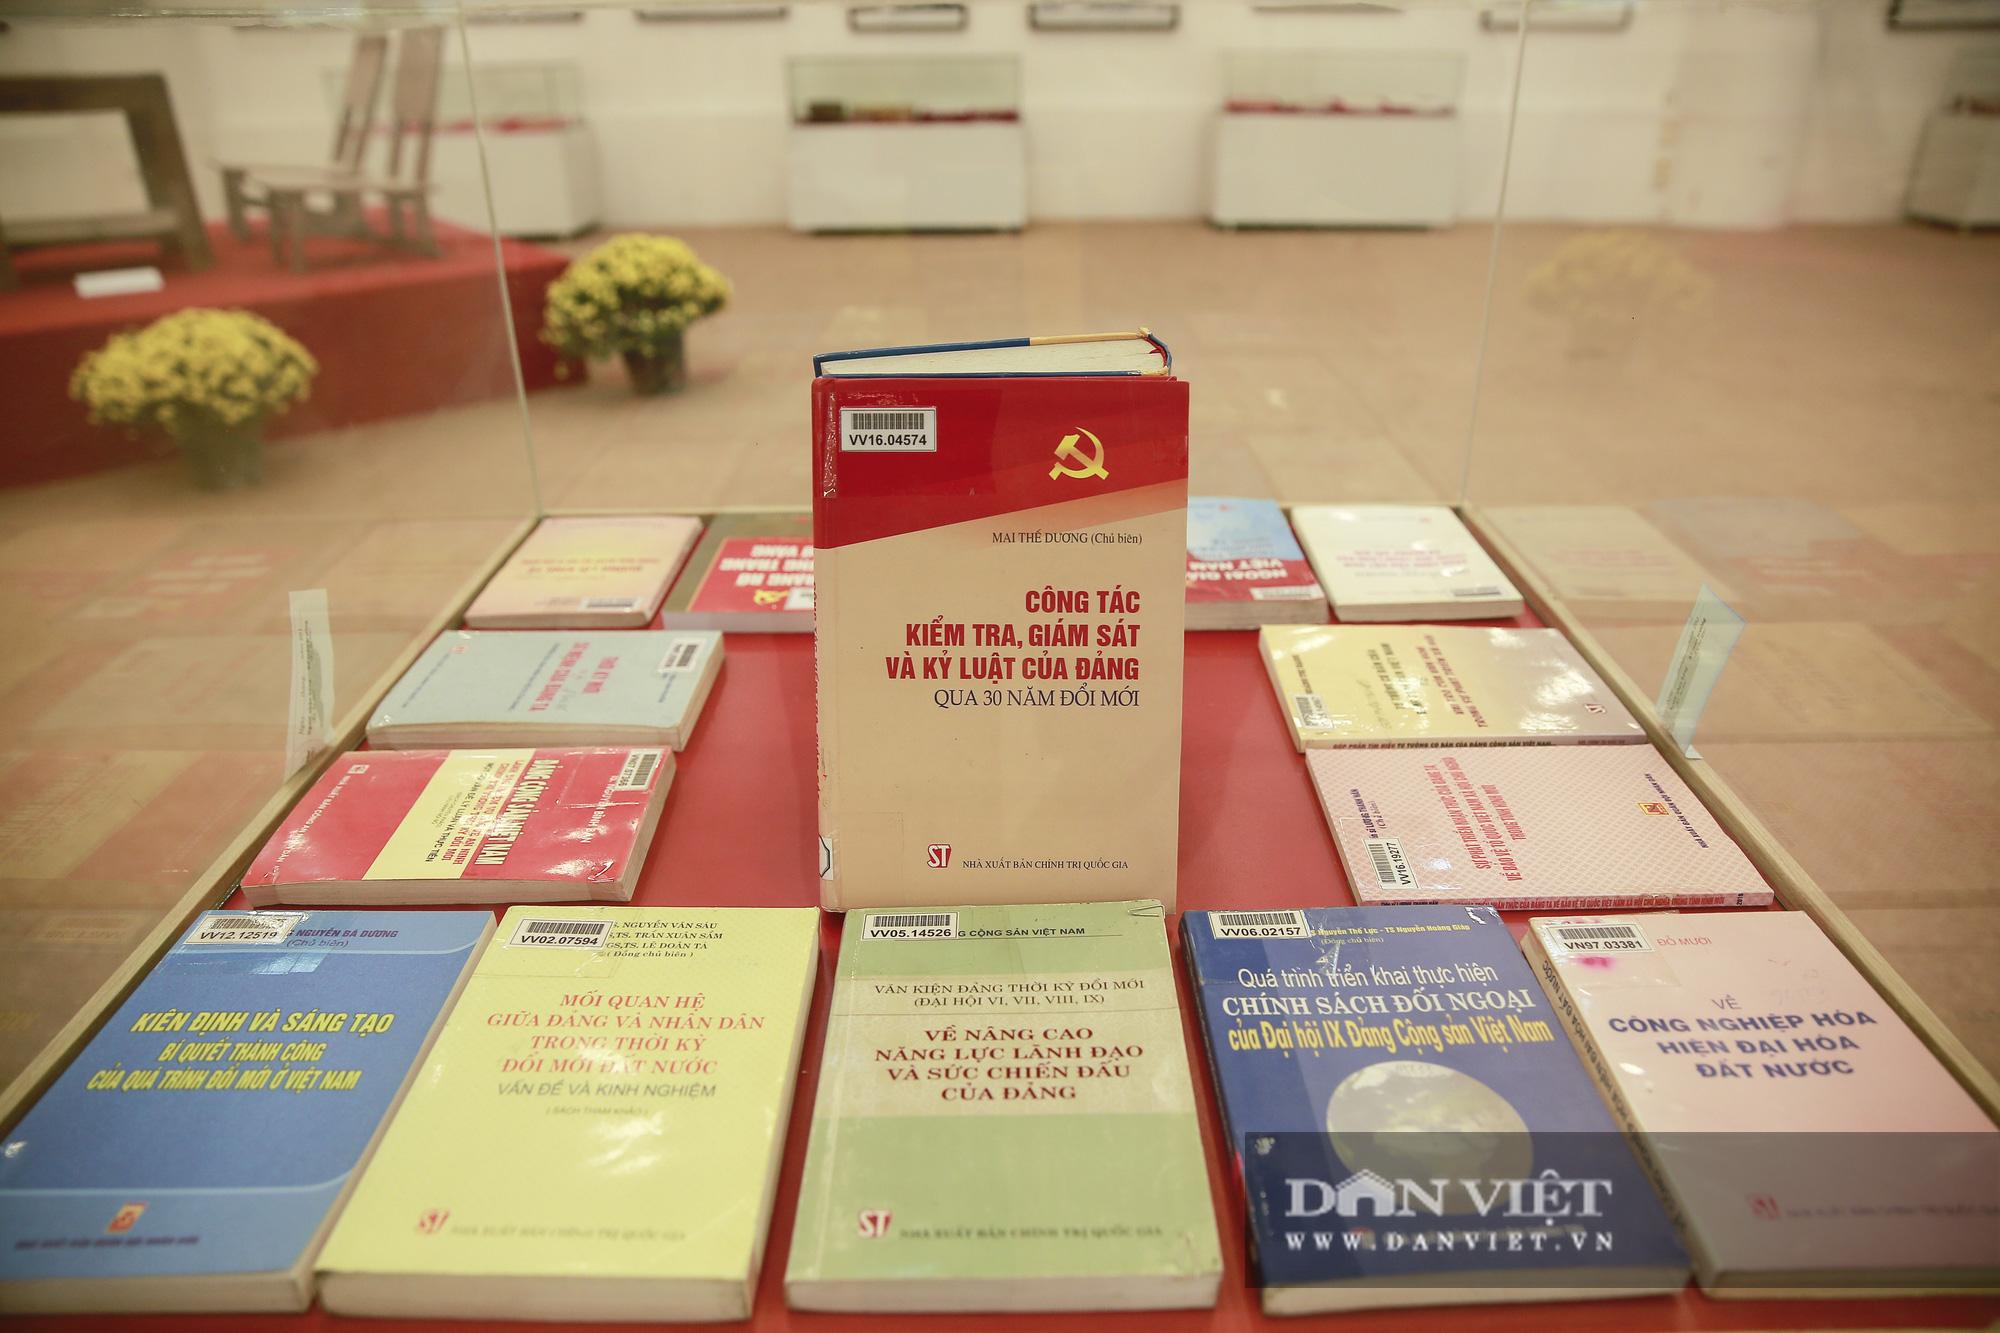 """Cận cảnh những tư liệu quý và khí tài quân sự Việt Nam tại triển lãm """"Đảng ta thật là vĩ đại"""" - Ảnh 11."""